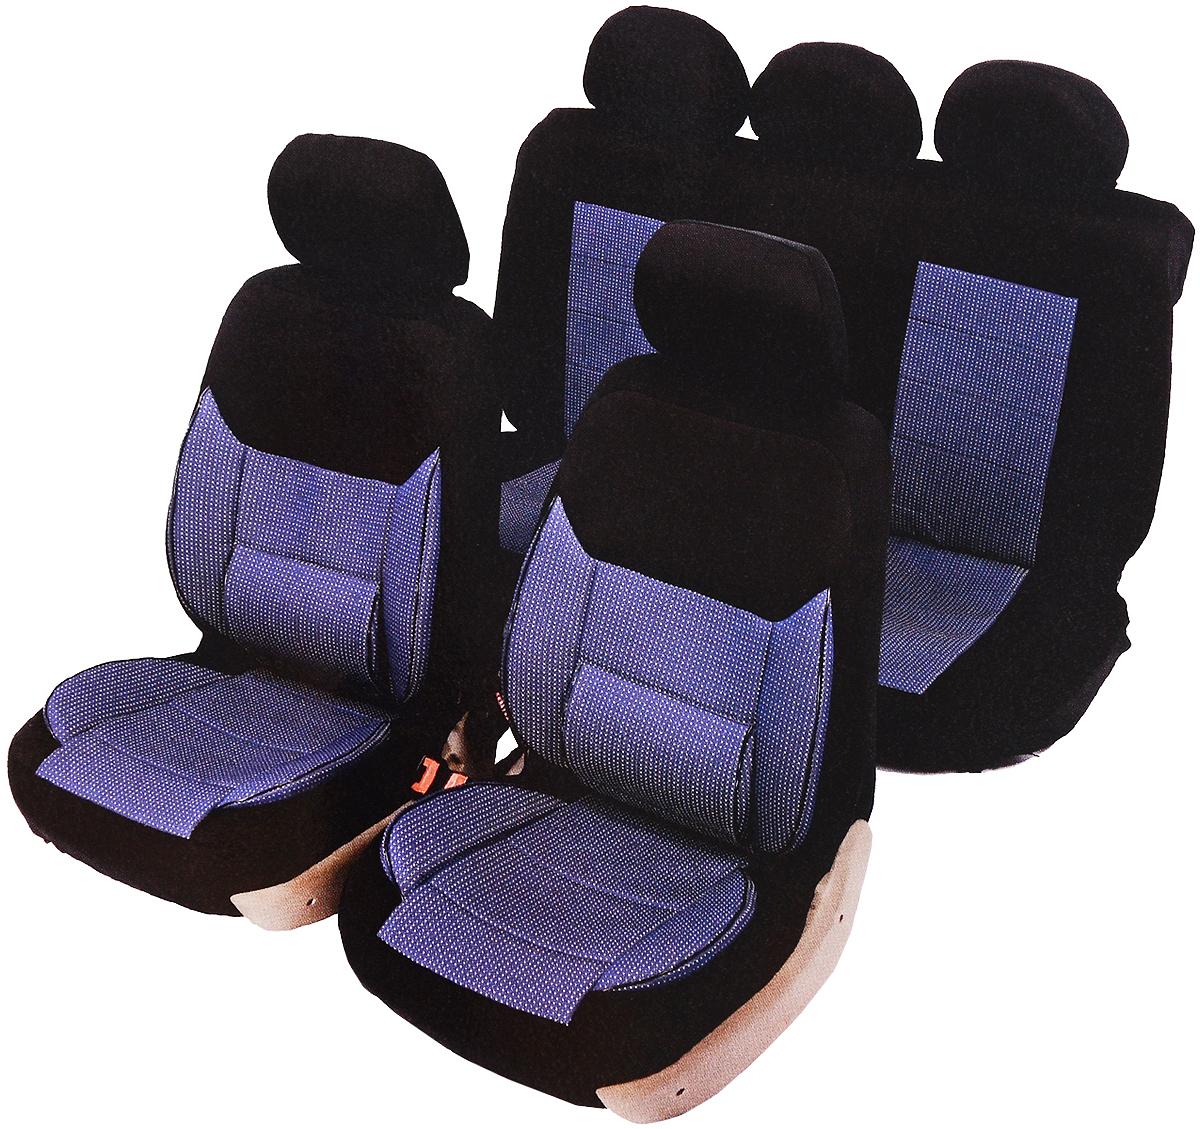 Чехлы автомобильные Senator California, универсальные, с ортопедической поддержкой, цвет: темно-синий, 11 предметов. Размер MSJ011163Универсальные ортопедические чехлы Senator California выполнены из сверхпрочного жаккарда. Применимы для 95% легкового автопарка РФ. Благодаря особому крою типа В чехлы идеально облегают сидения автомобиля. Специальный боковой шов позволяет применять авто чехлы в автомобилях с боковыми подушками безопасности (AIR BAG). Наличие расширенной трехуровневой поддержки создает дополнительный комфорт во время поездки. Увеличенную поясничную поддержку и удлиненную боковую поддержку спины и ног по достоинству оценят водители, проводящие за рулем длительное время. Раздельная схема надевания обеспечивает легкую установку авто чехлов. Дополнительное удобство создает наличие предустановленных крючков, утягивающего шнура, фиксирующей липучки на передних спинках, а также предустановленной прорези для установки подголовника. Материал триплирован огнеупорным поролоном 5 мм, за счет чего чехол приобретает дополнительную мягкость и устойчивость к возгоранию....